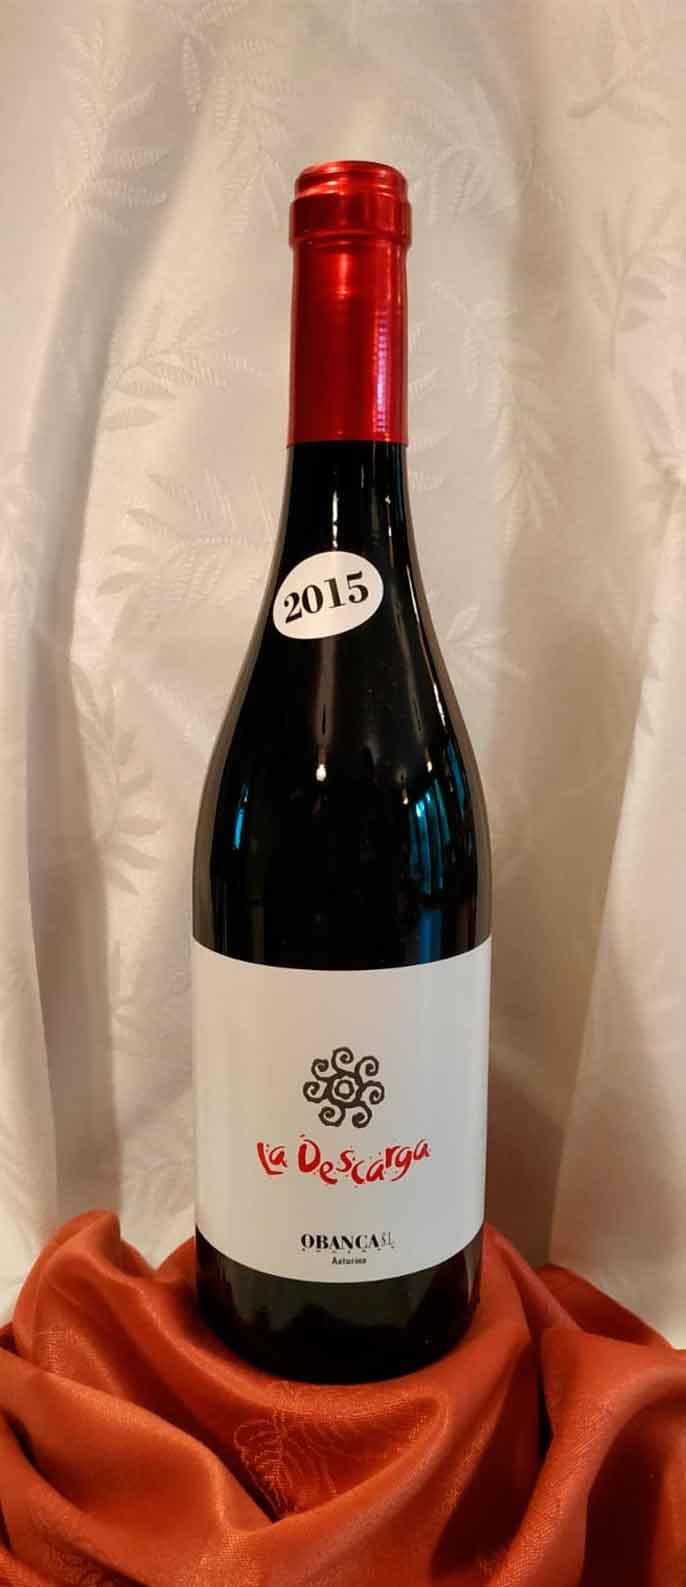 Descarga Tinto - Vino de Asturias